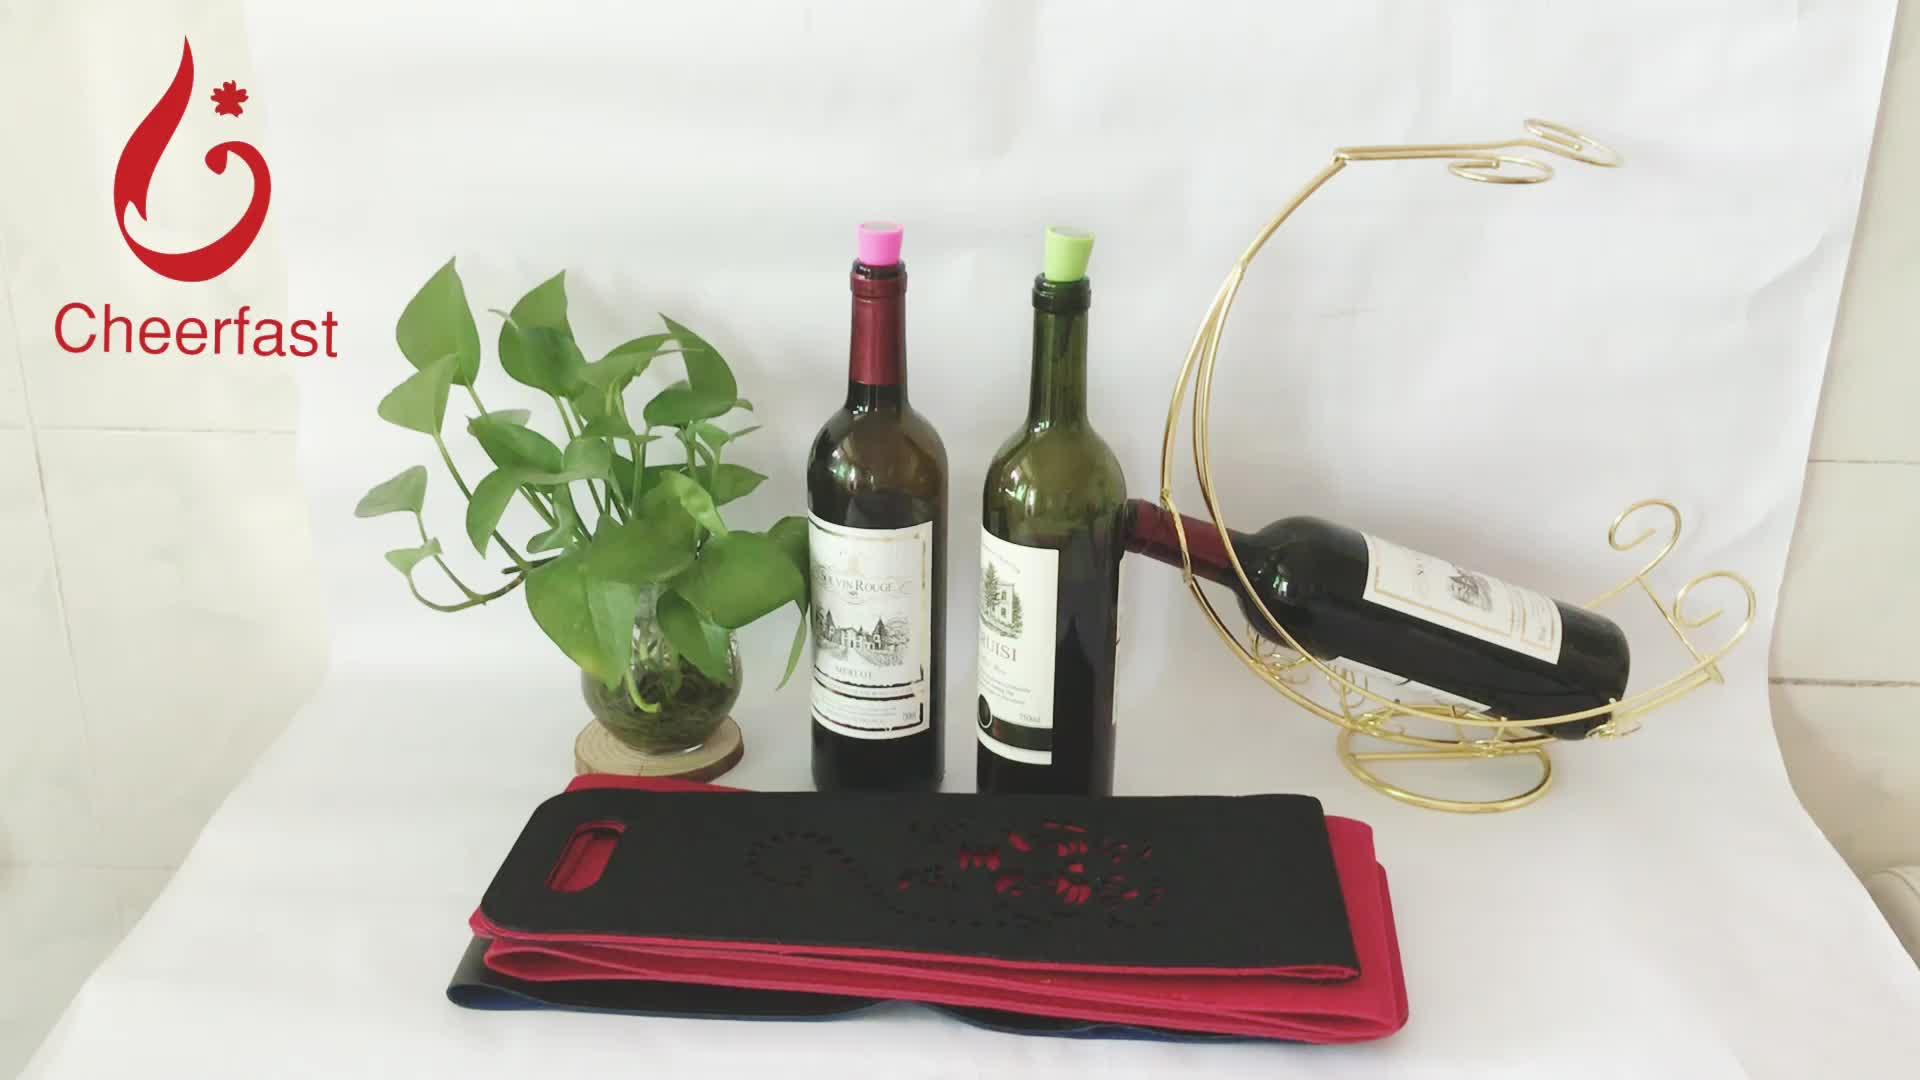 Tamanho portátil E Dobrável Fácil Carry Viagem Sacola de Pano Sentiu Saco Do Vinho